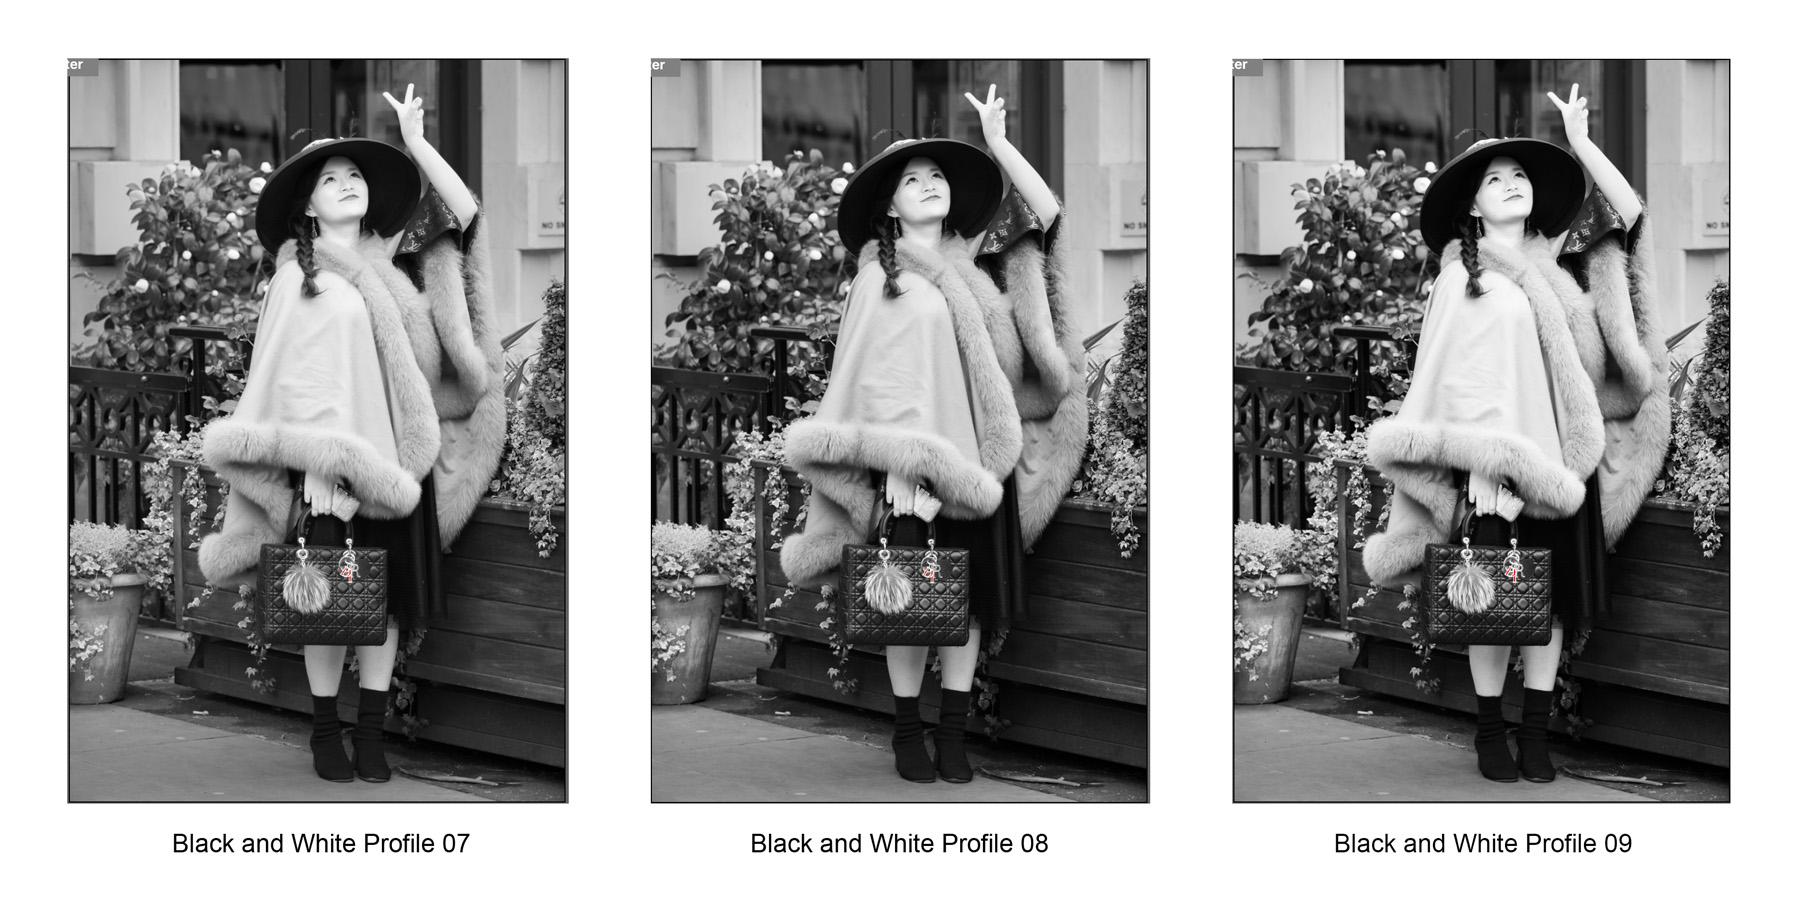 Adobe Camera Raw Monochrome Profiles 7-9